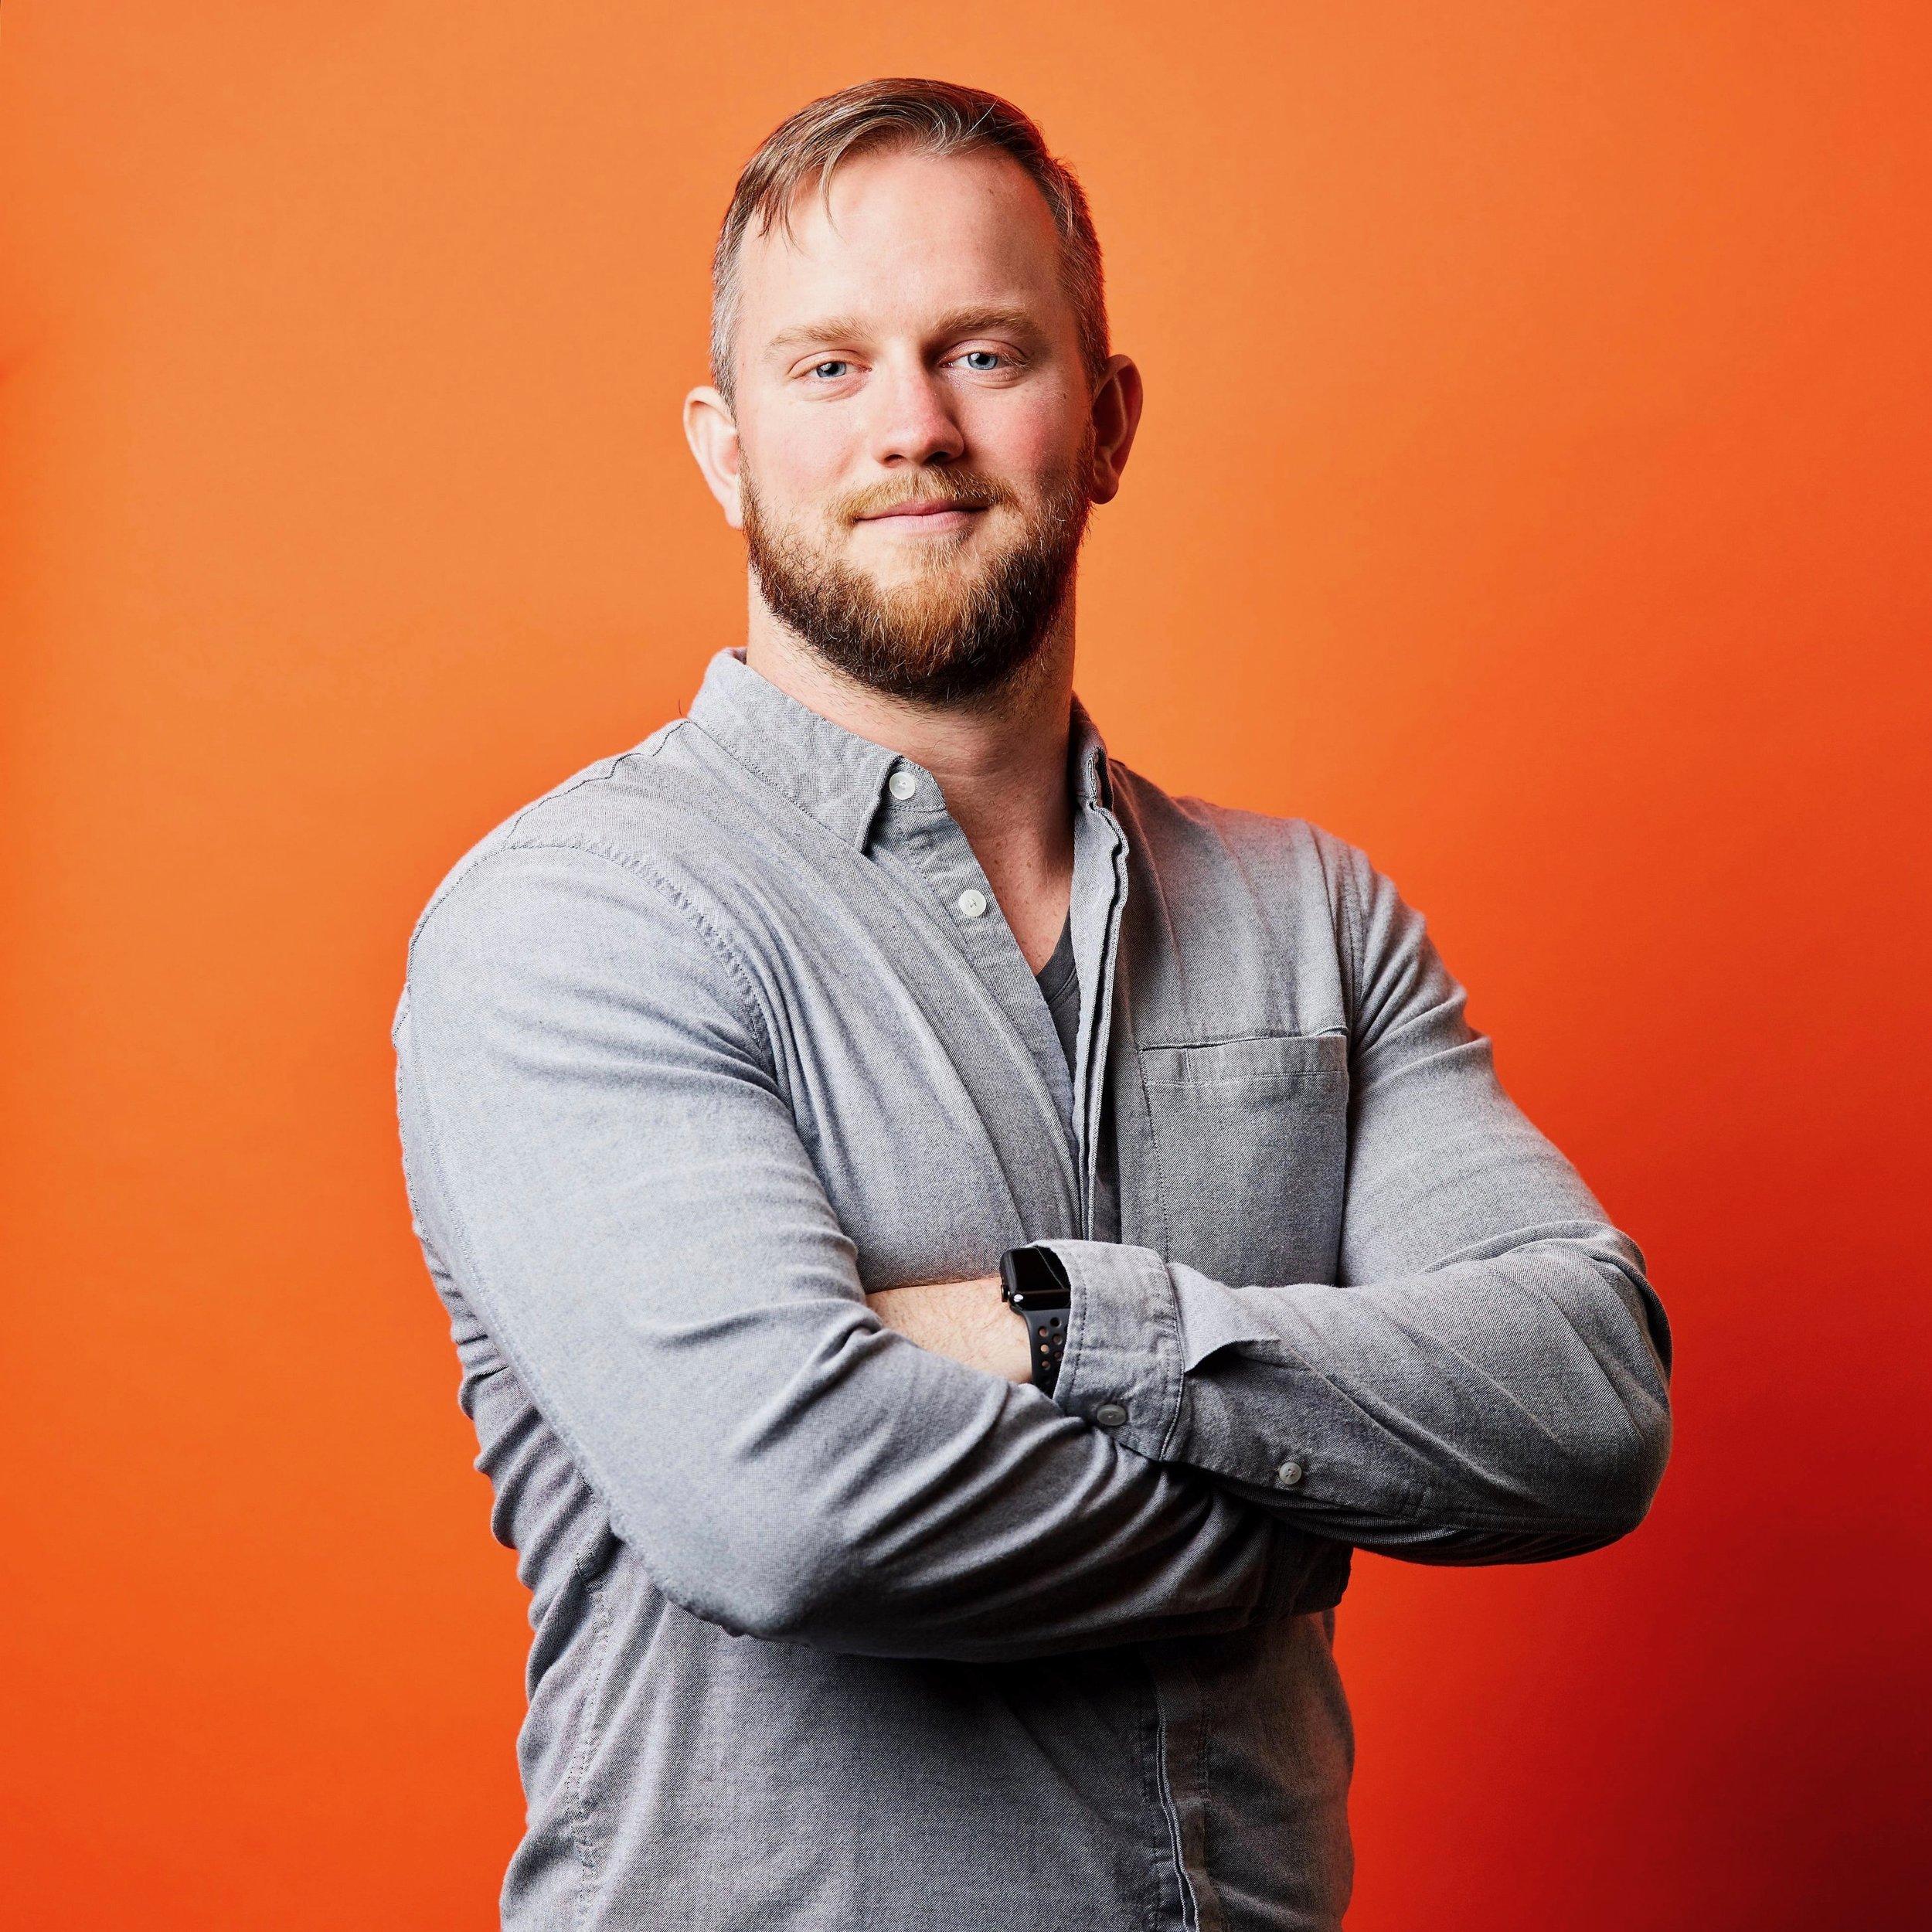 Cory Johnson, Founder & CTO